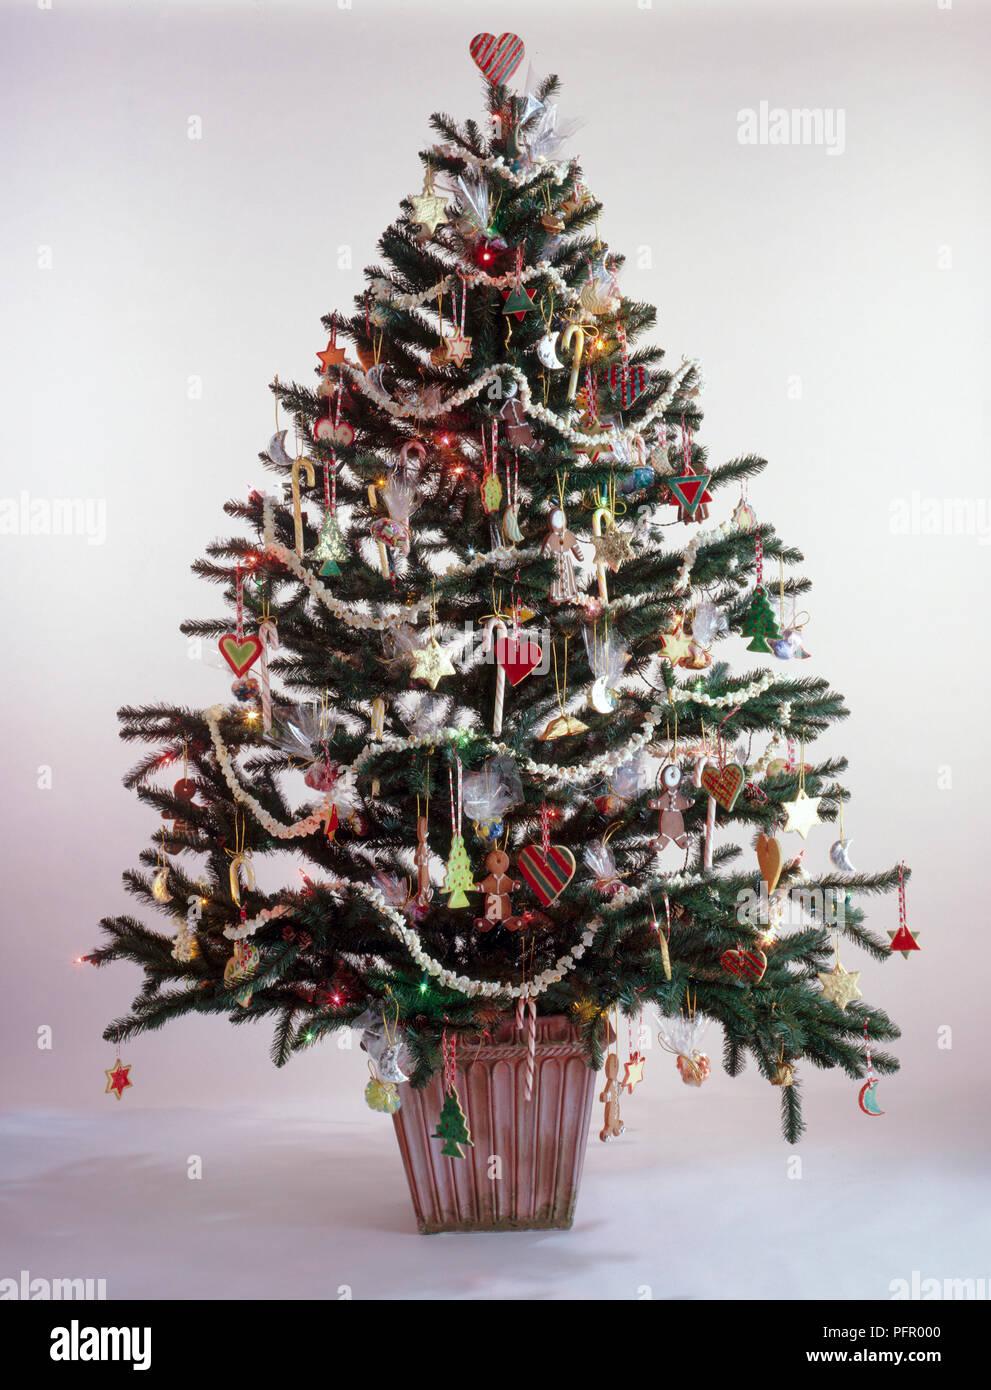 Biscotti Decorati Per Albero Di Natale.Albero Di Natale Con Decorazioni Naturali Di Biscotti E Di Ghirlande